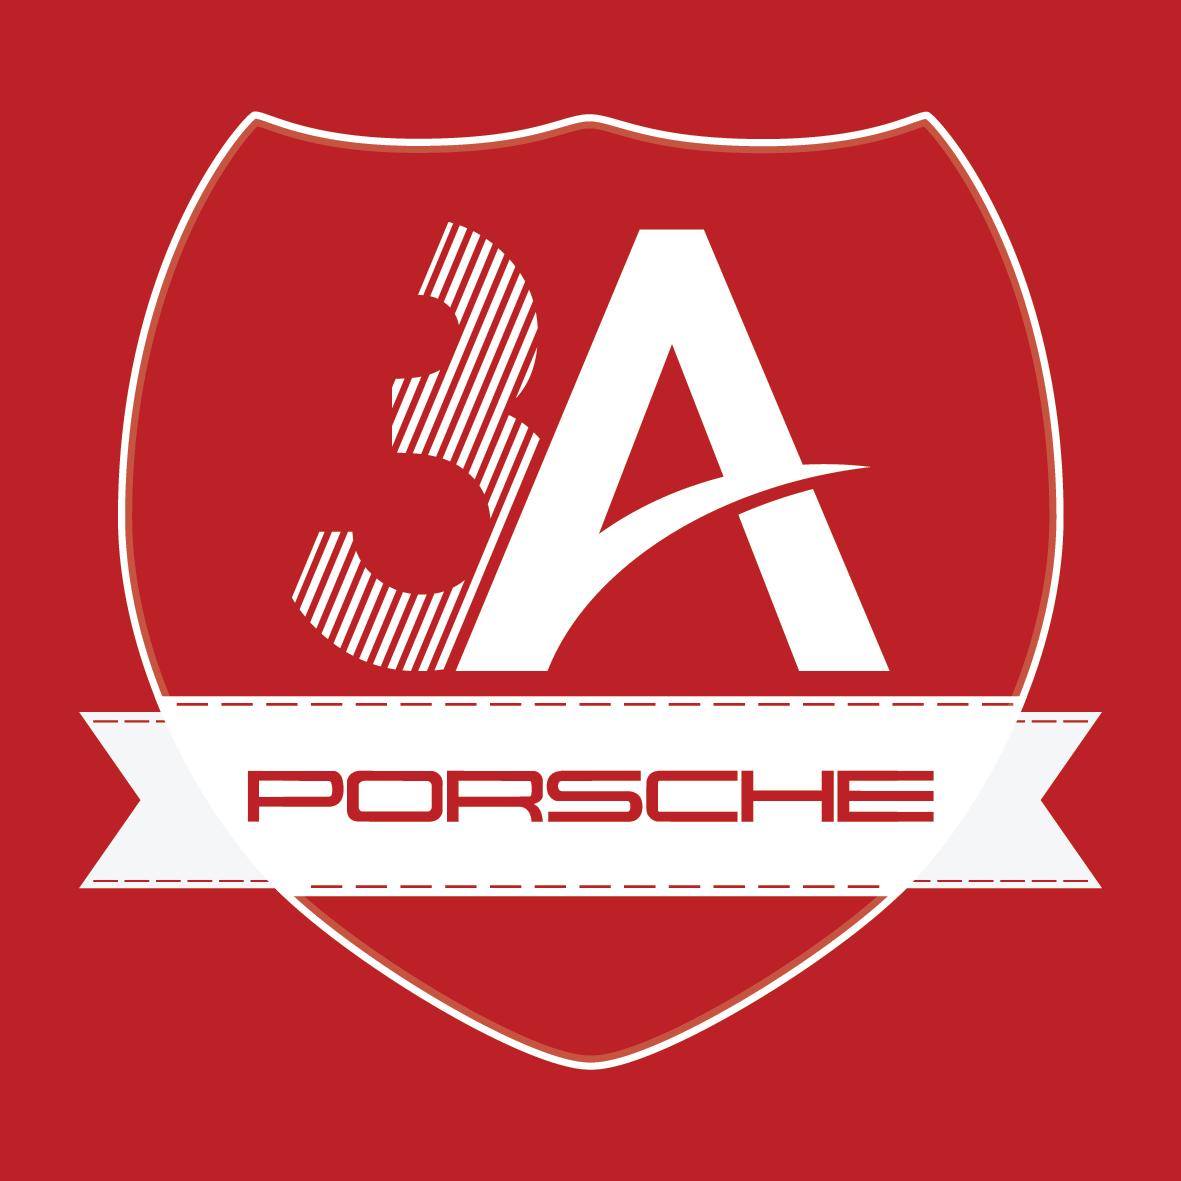 3a porsche logo tasarimi kırmızı zemin çizgisel